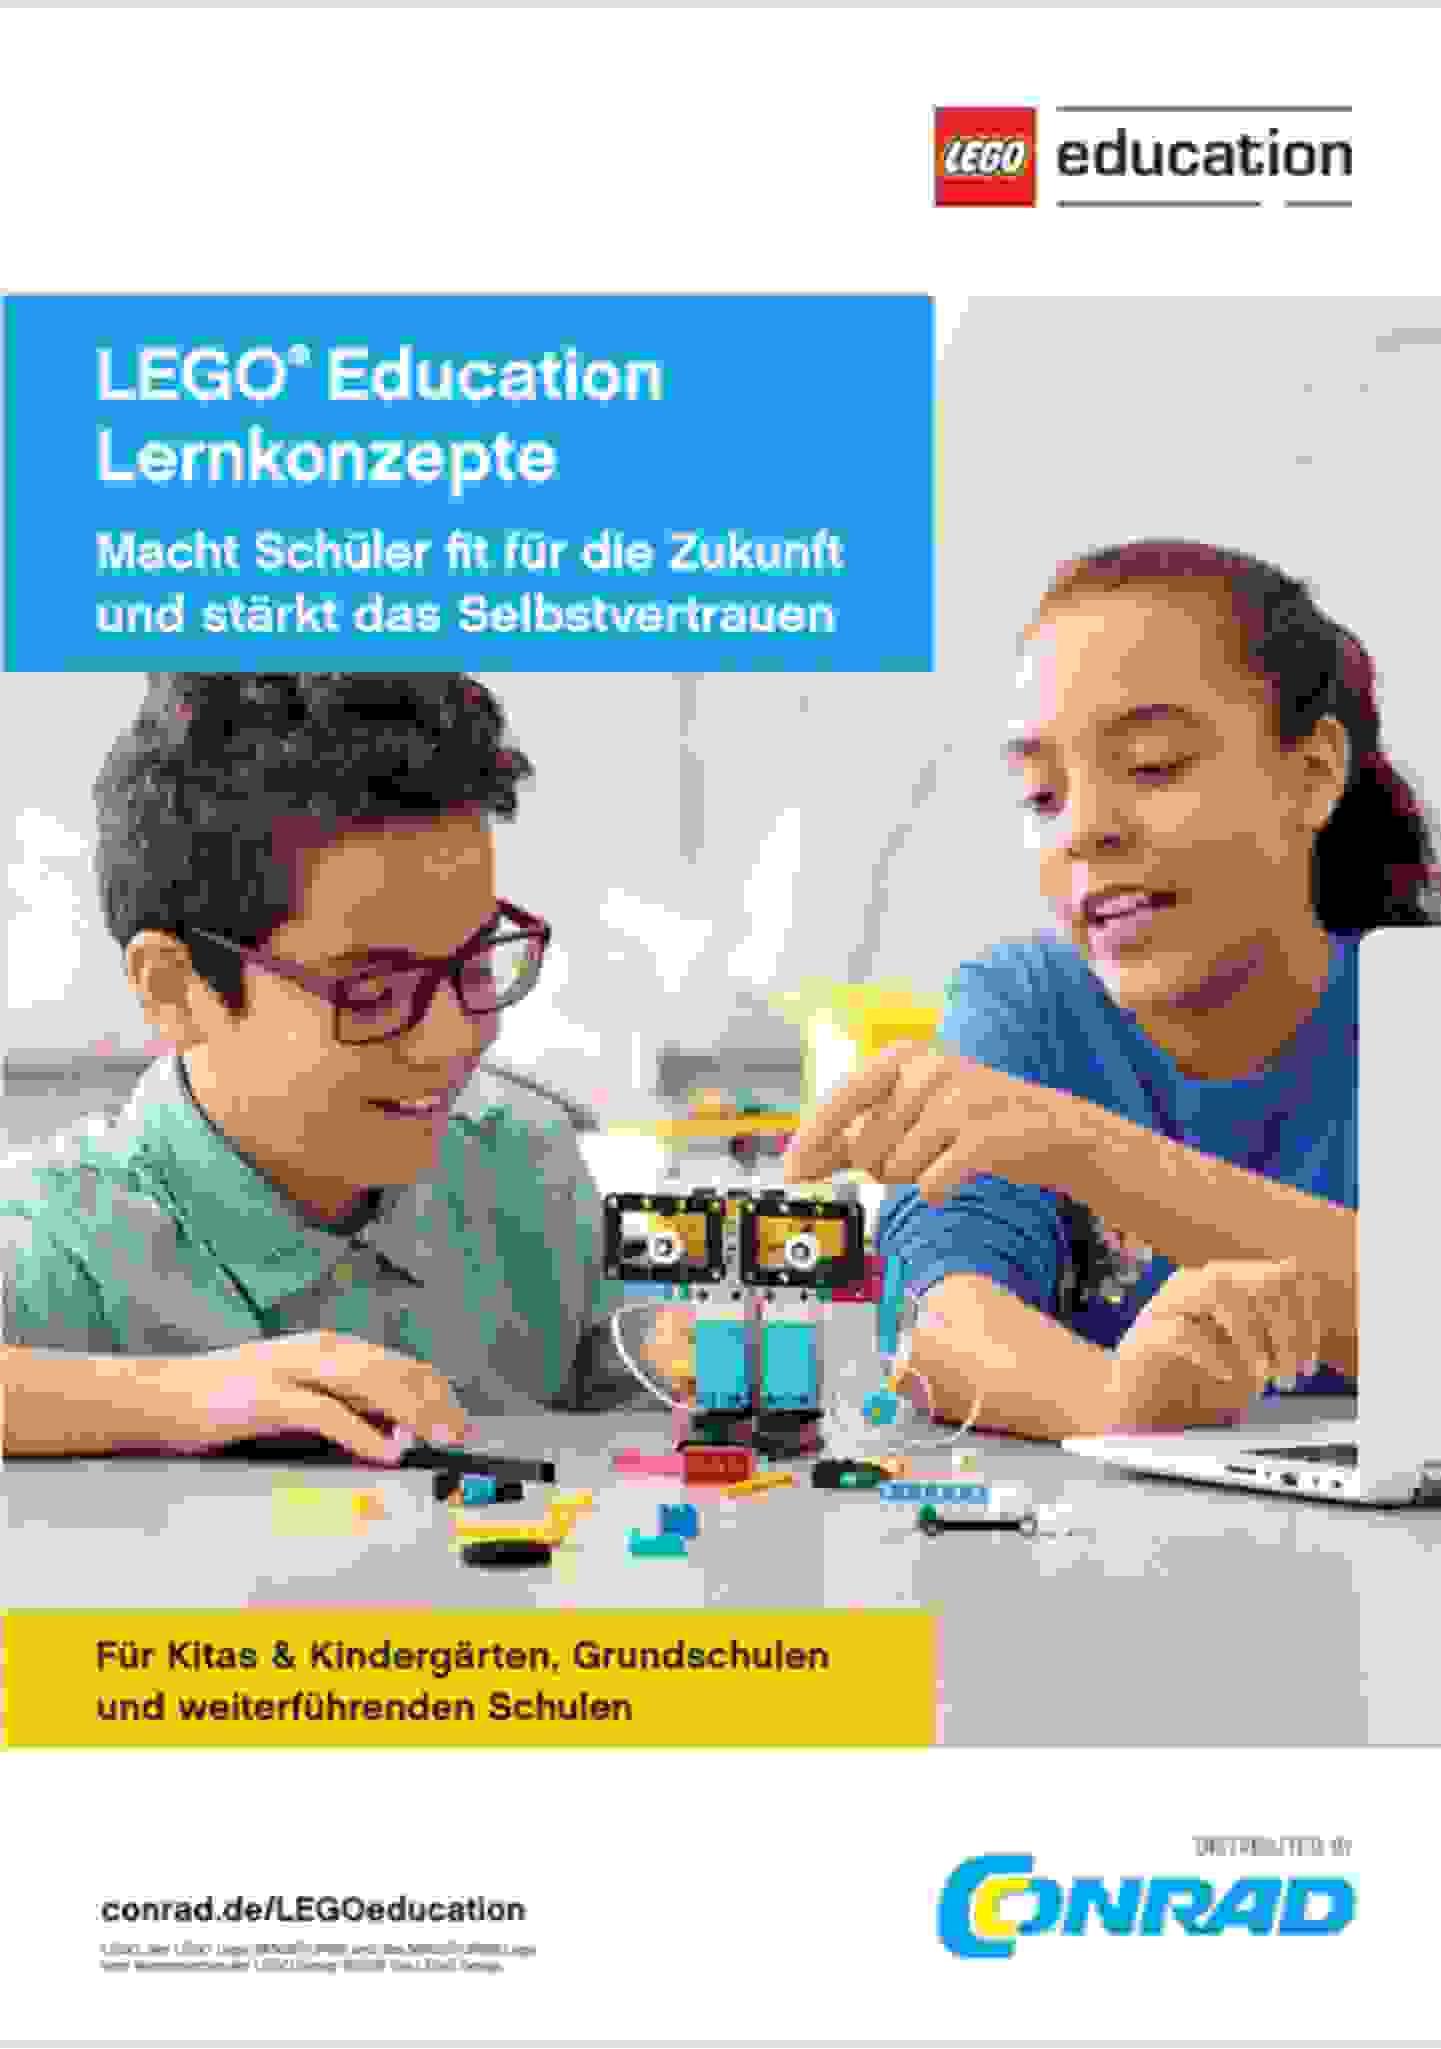 LEGO Education Lernkonzept